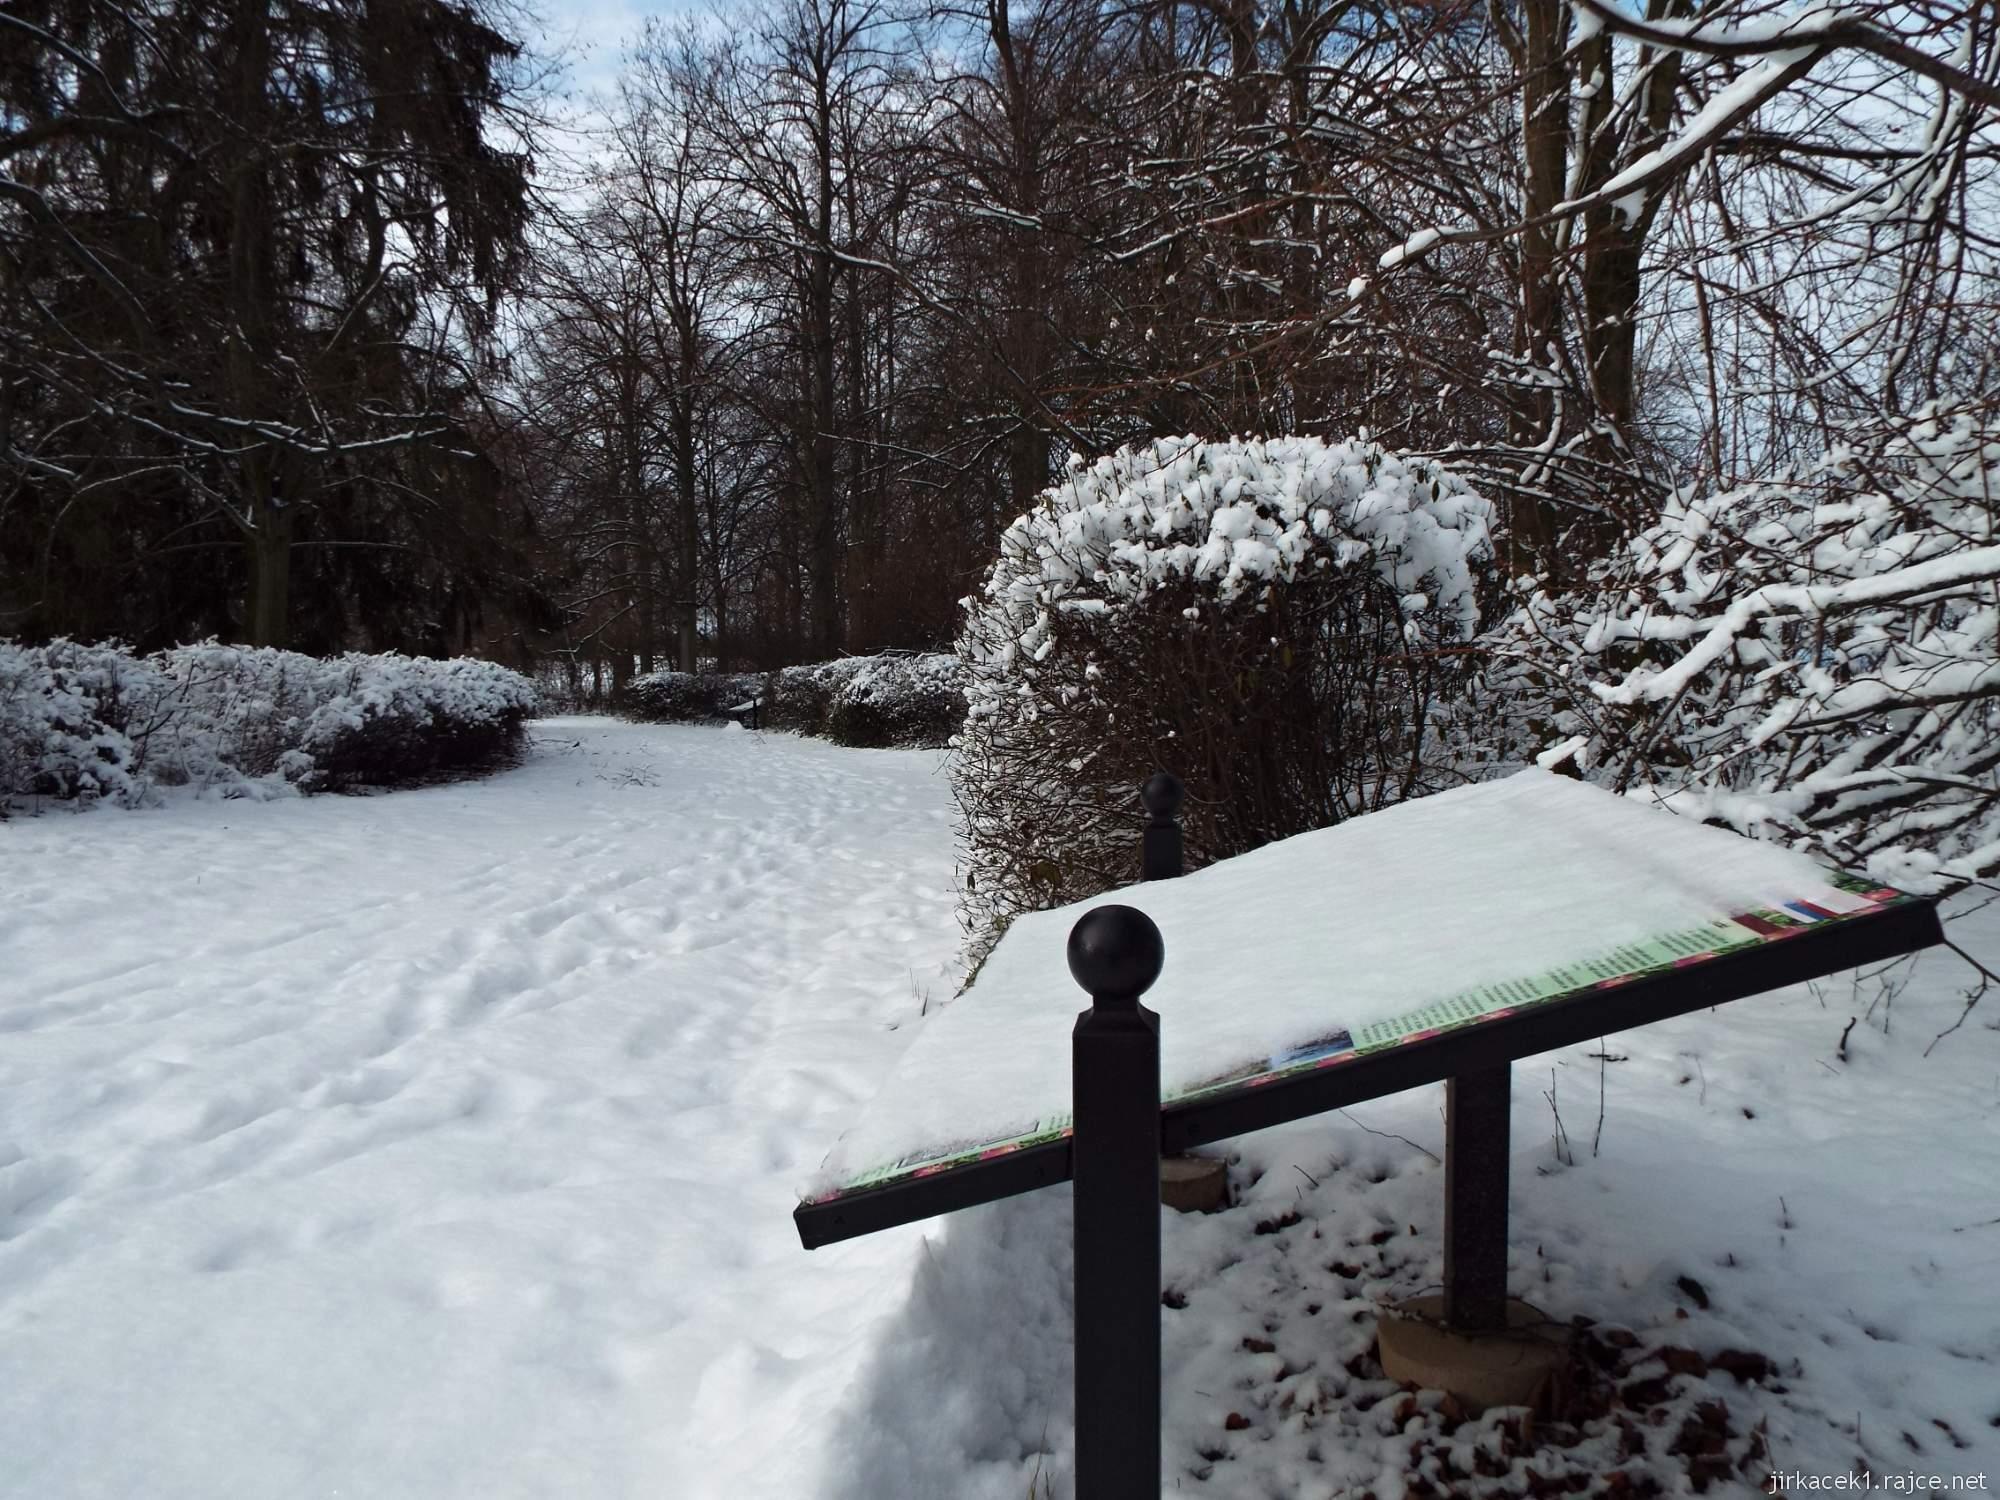 Růžový palouček - zasněžený panel naučné stezky a cesta parkem